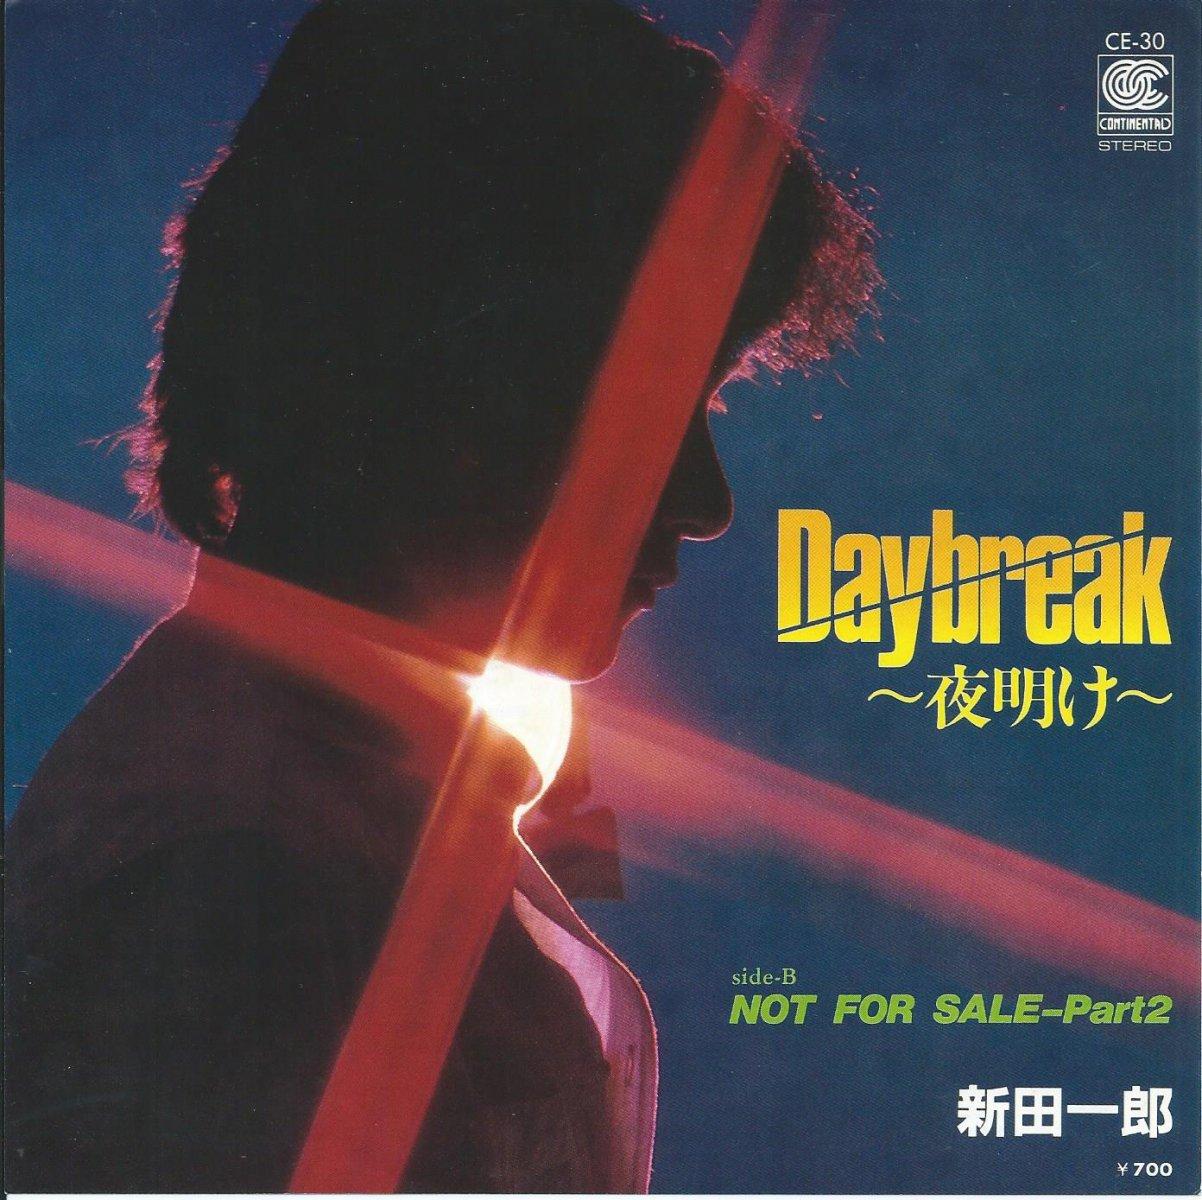 新田一郎 ICHIRO NITTA / DAYBREAK 〜夜明け〜 / NOT FOR SALE - PART2 (7